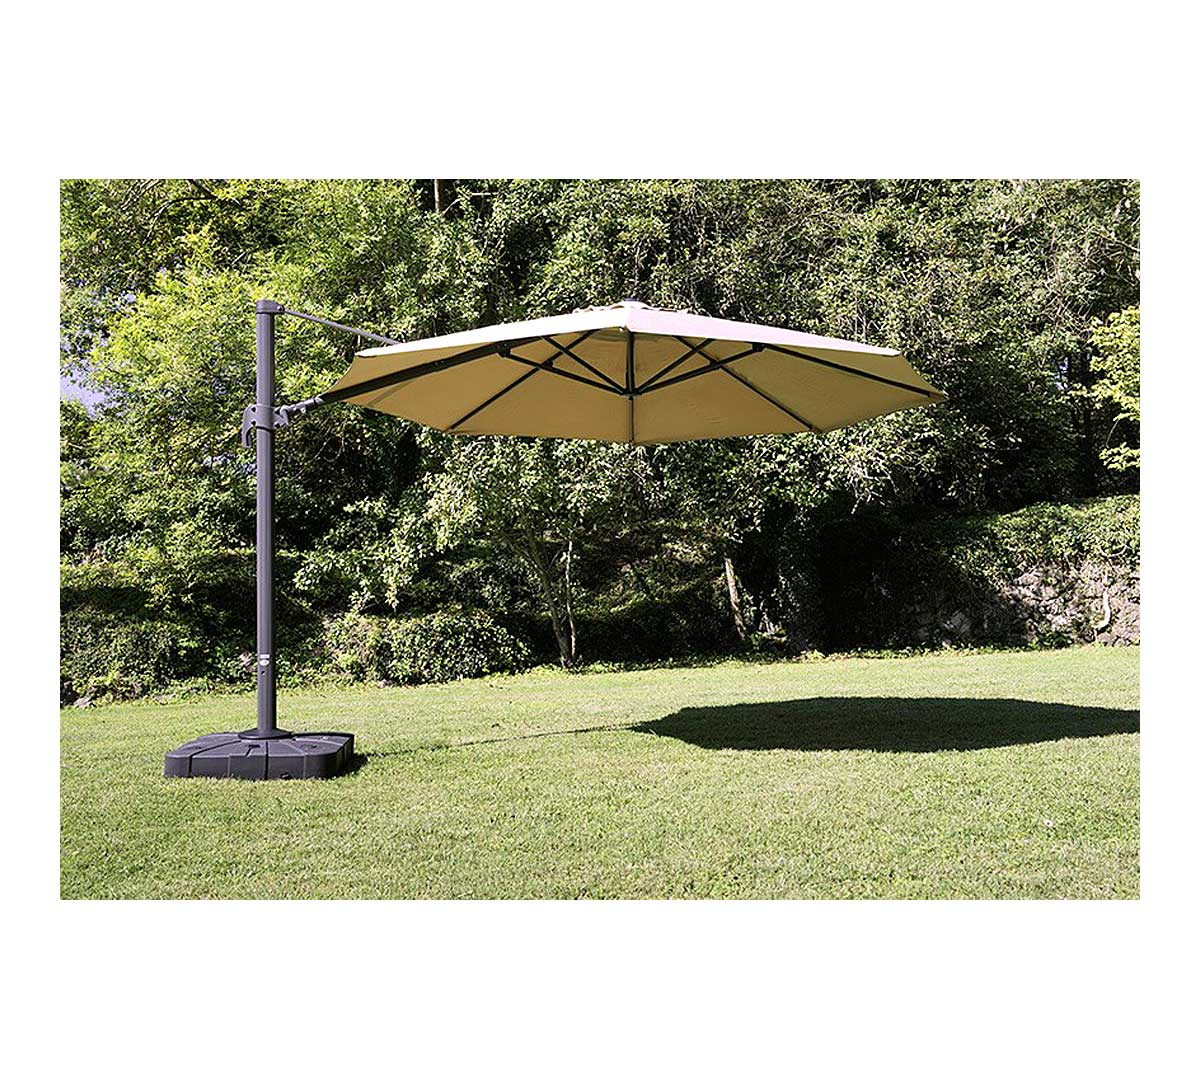 Parasol pie lateral la2 de resol - Recambio tela parasol ...